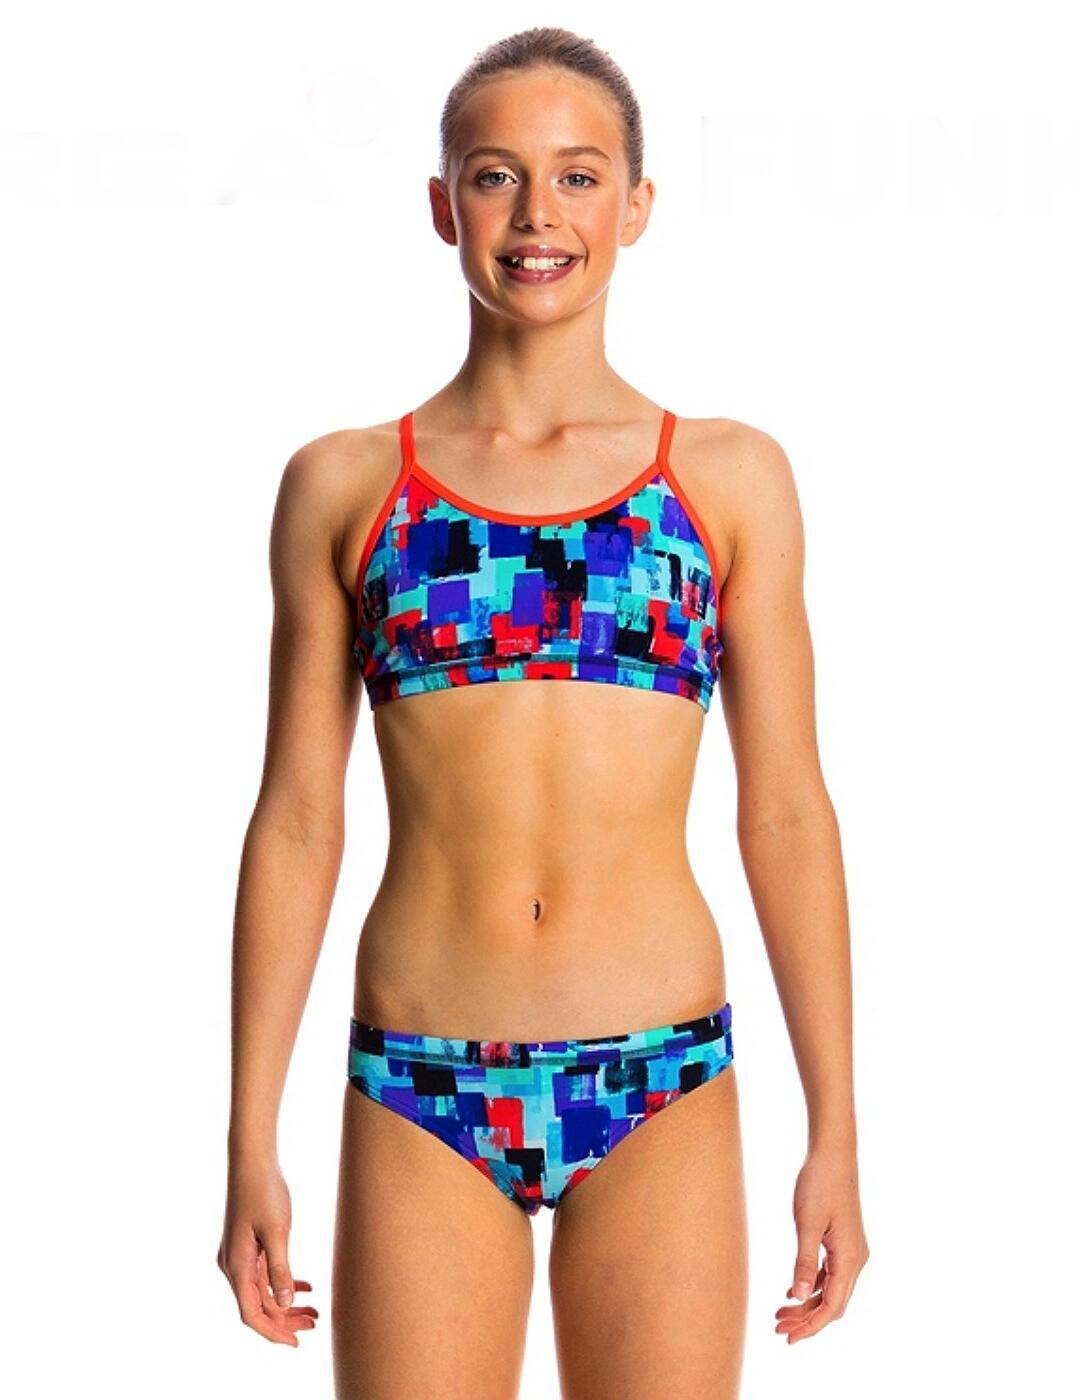 FS02G01762 Funkita Girls Racerback Two Piece Bikini Set - FS02G01762 Vincent Van Funk